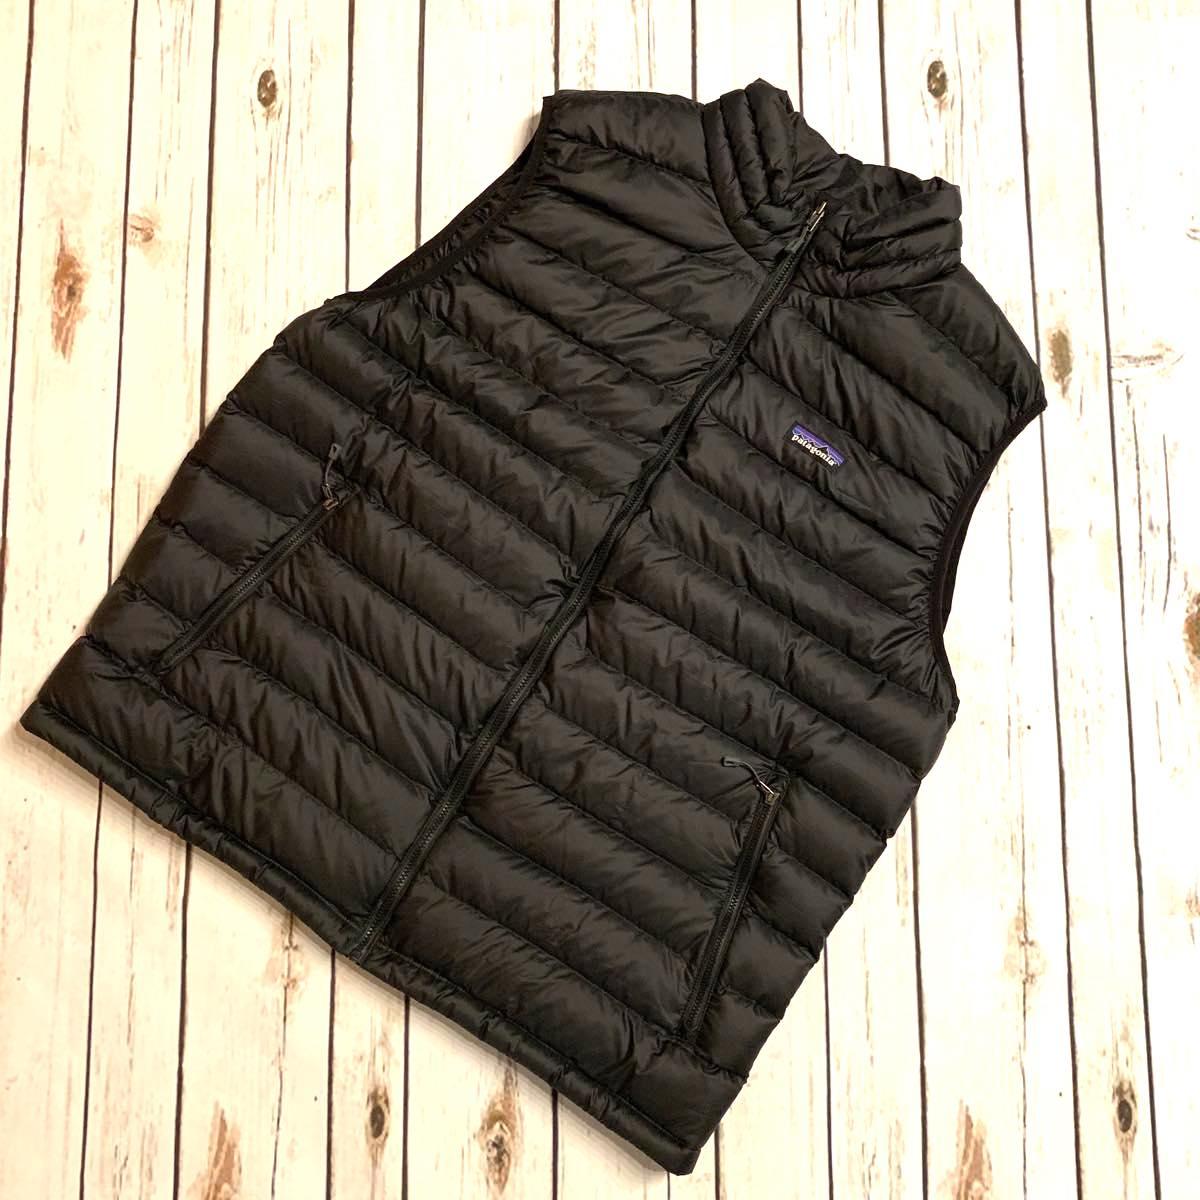 Patagonia メンズ・ダウン・セーター・ベスト ブラック